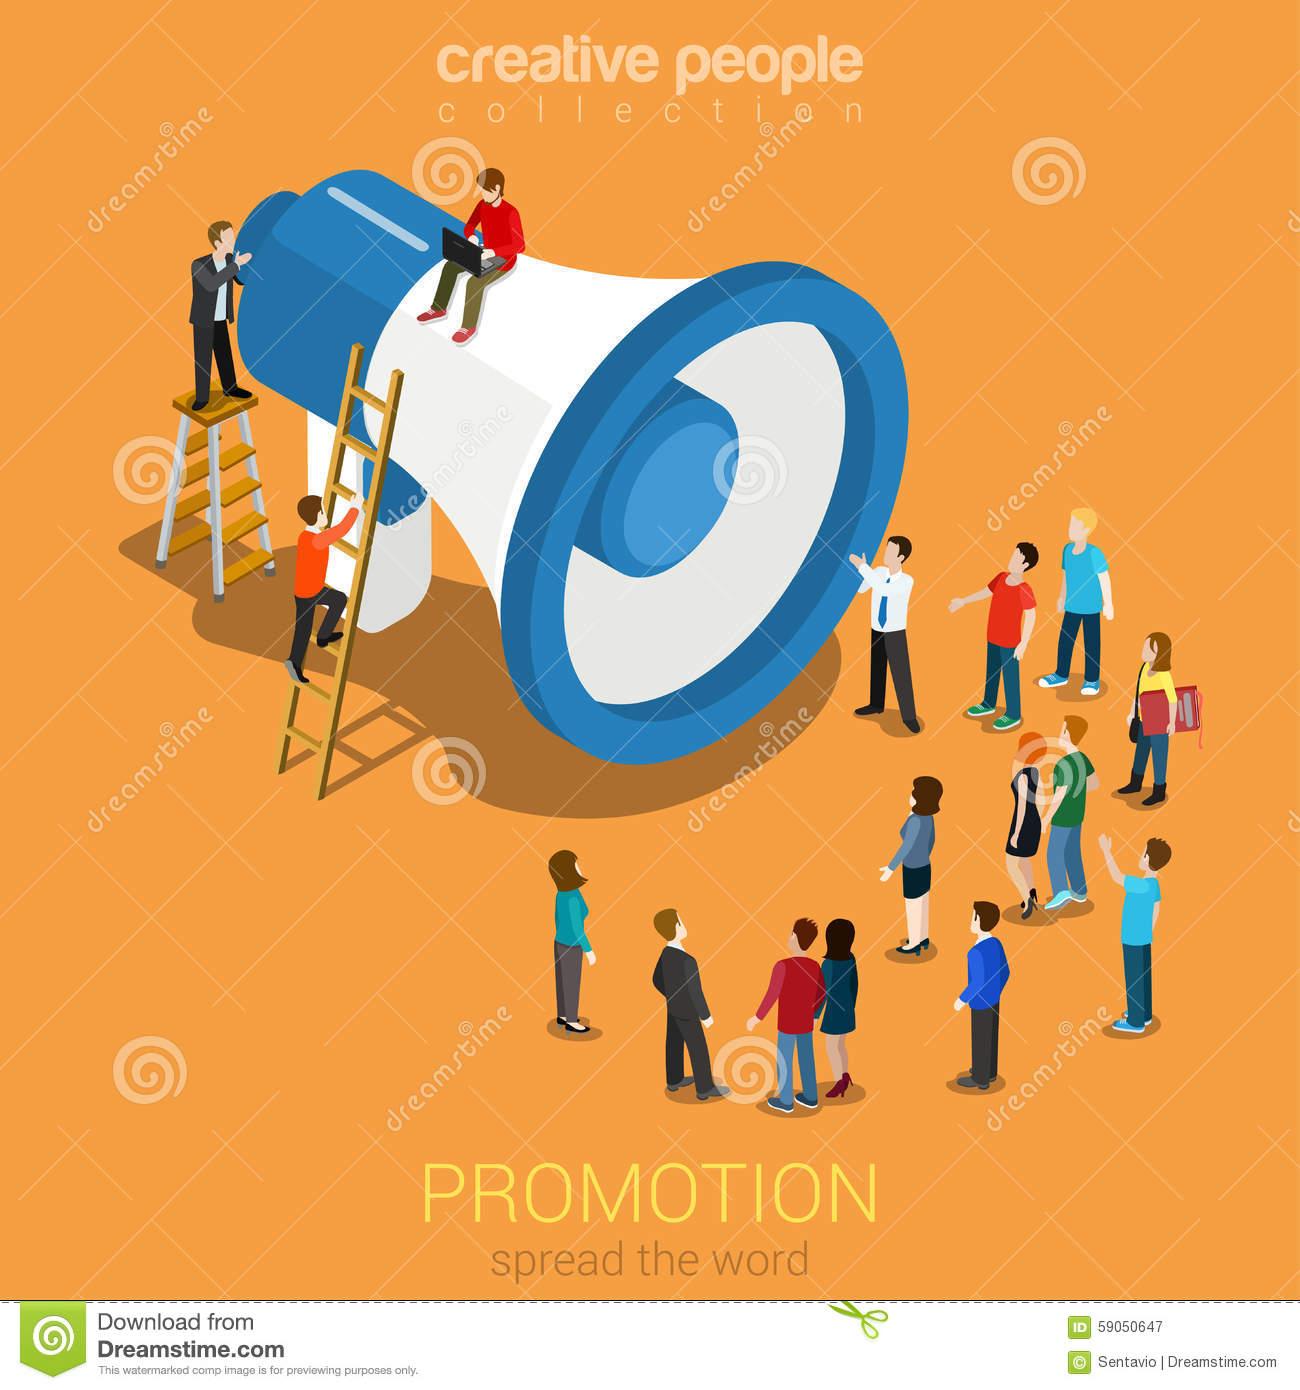 Social media marketing clipart svg royalty free stock Social Media Marketing Online Promotion Flat 3d Web Isometric ... svg royalty free stock